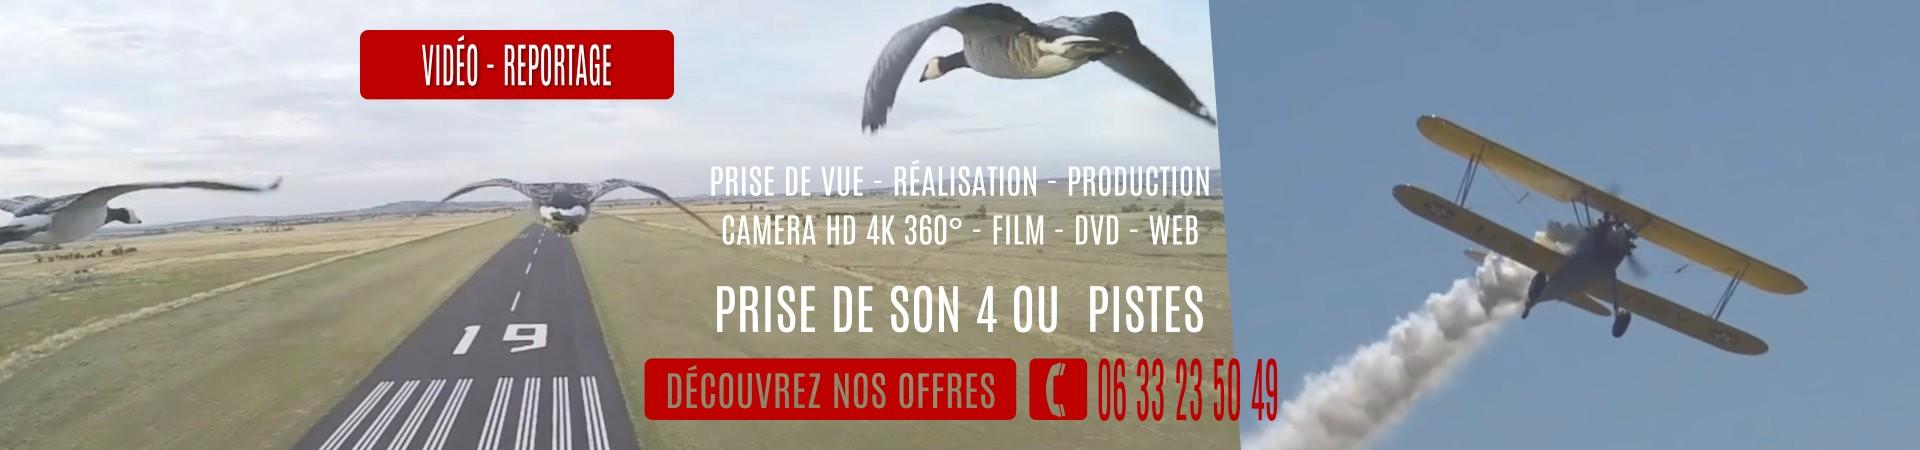 Réalisation Production de vidéo